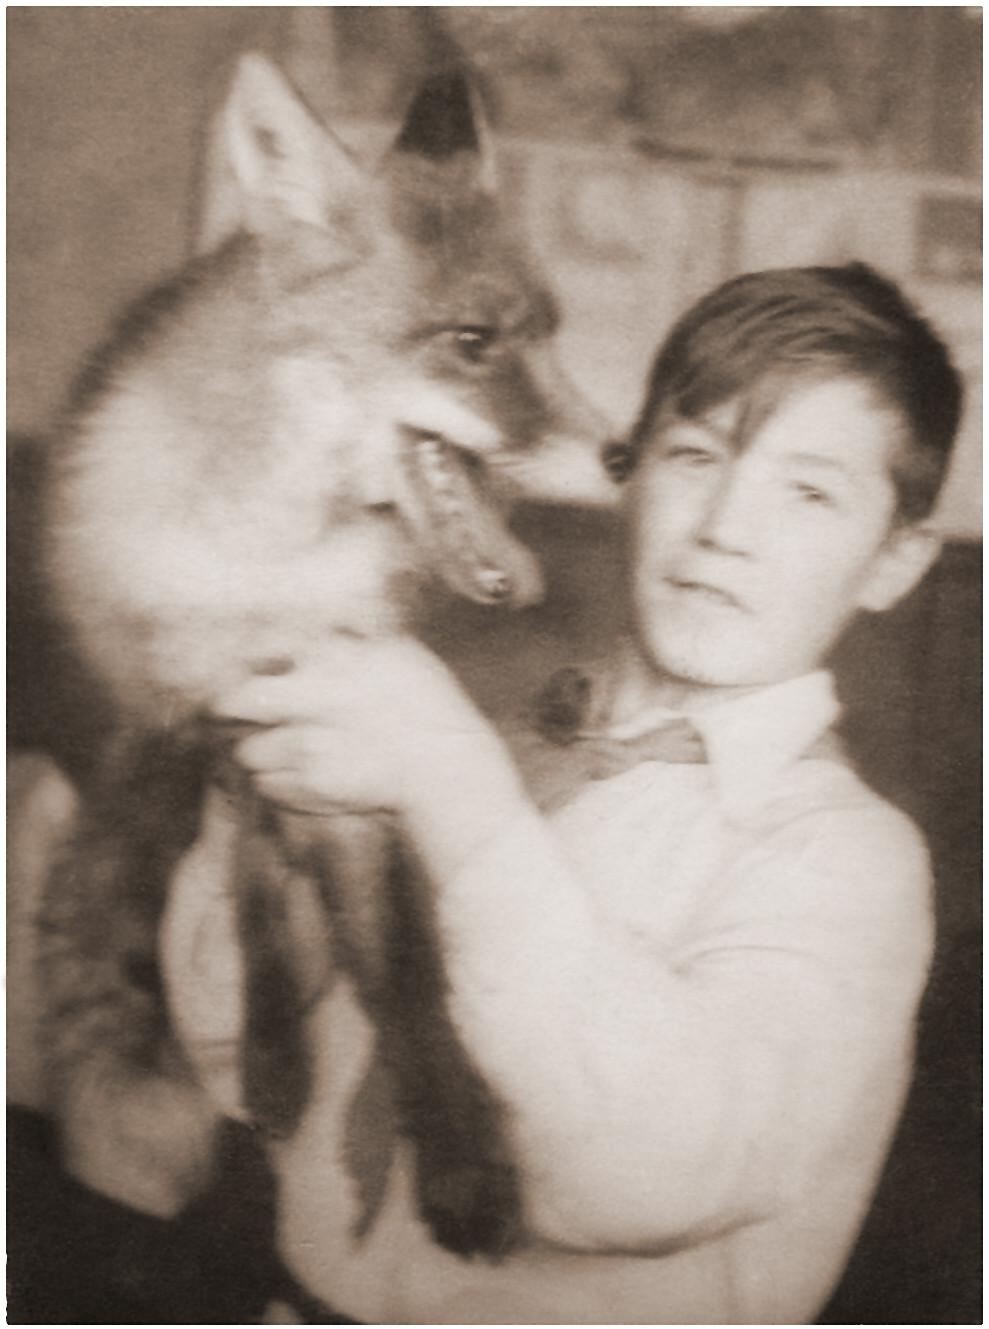 Владик Юрлов 1950 г.